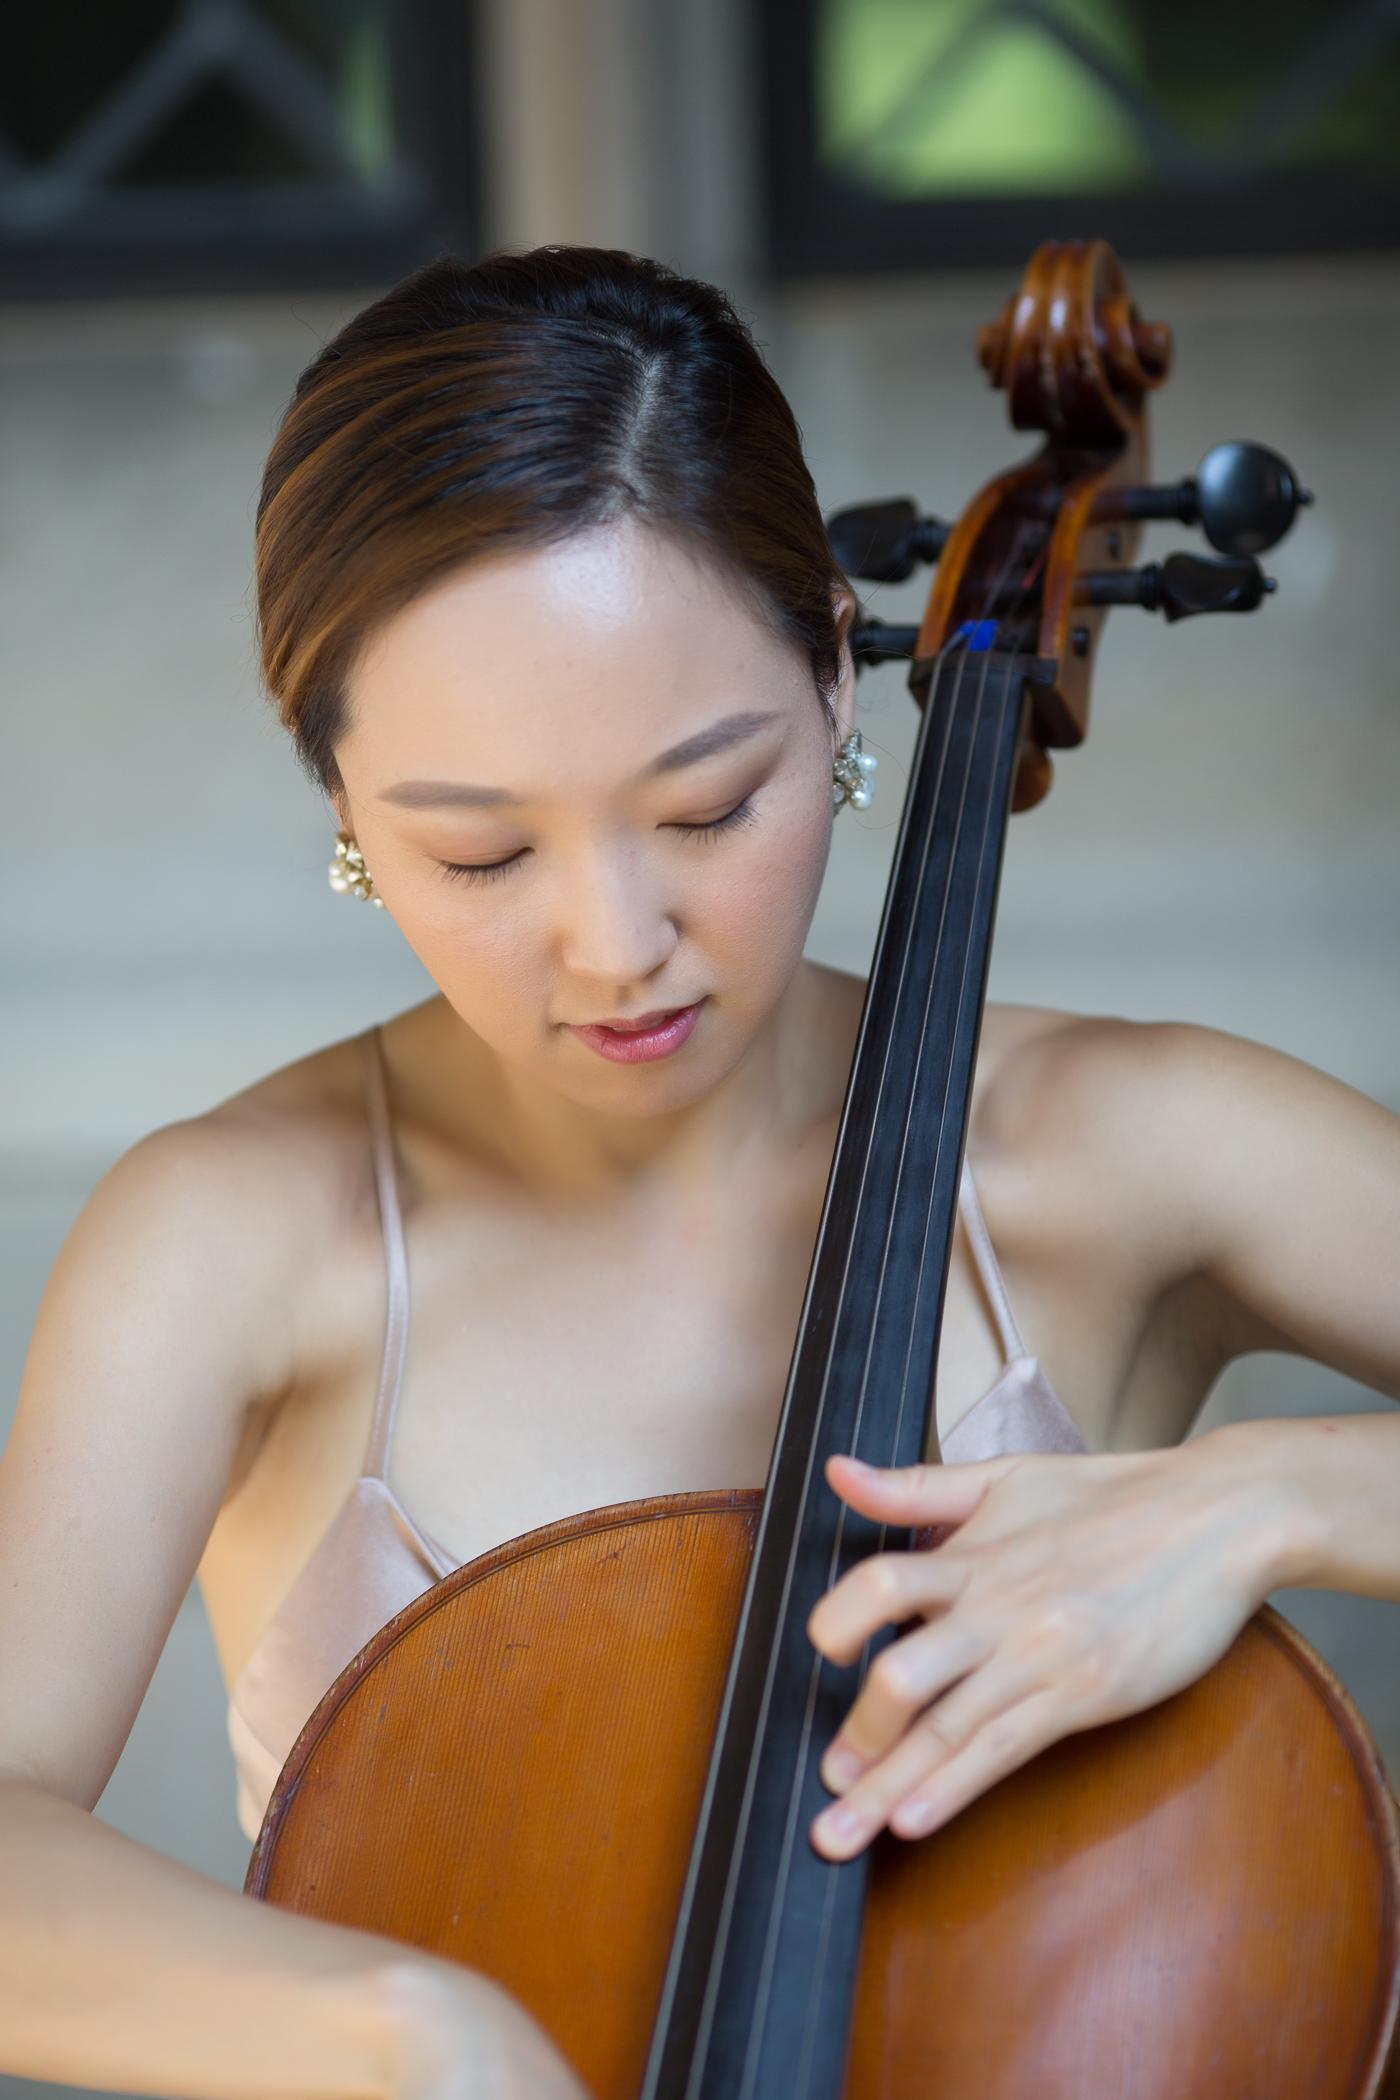 Kumhee_Lee-Cellist-15